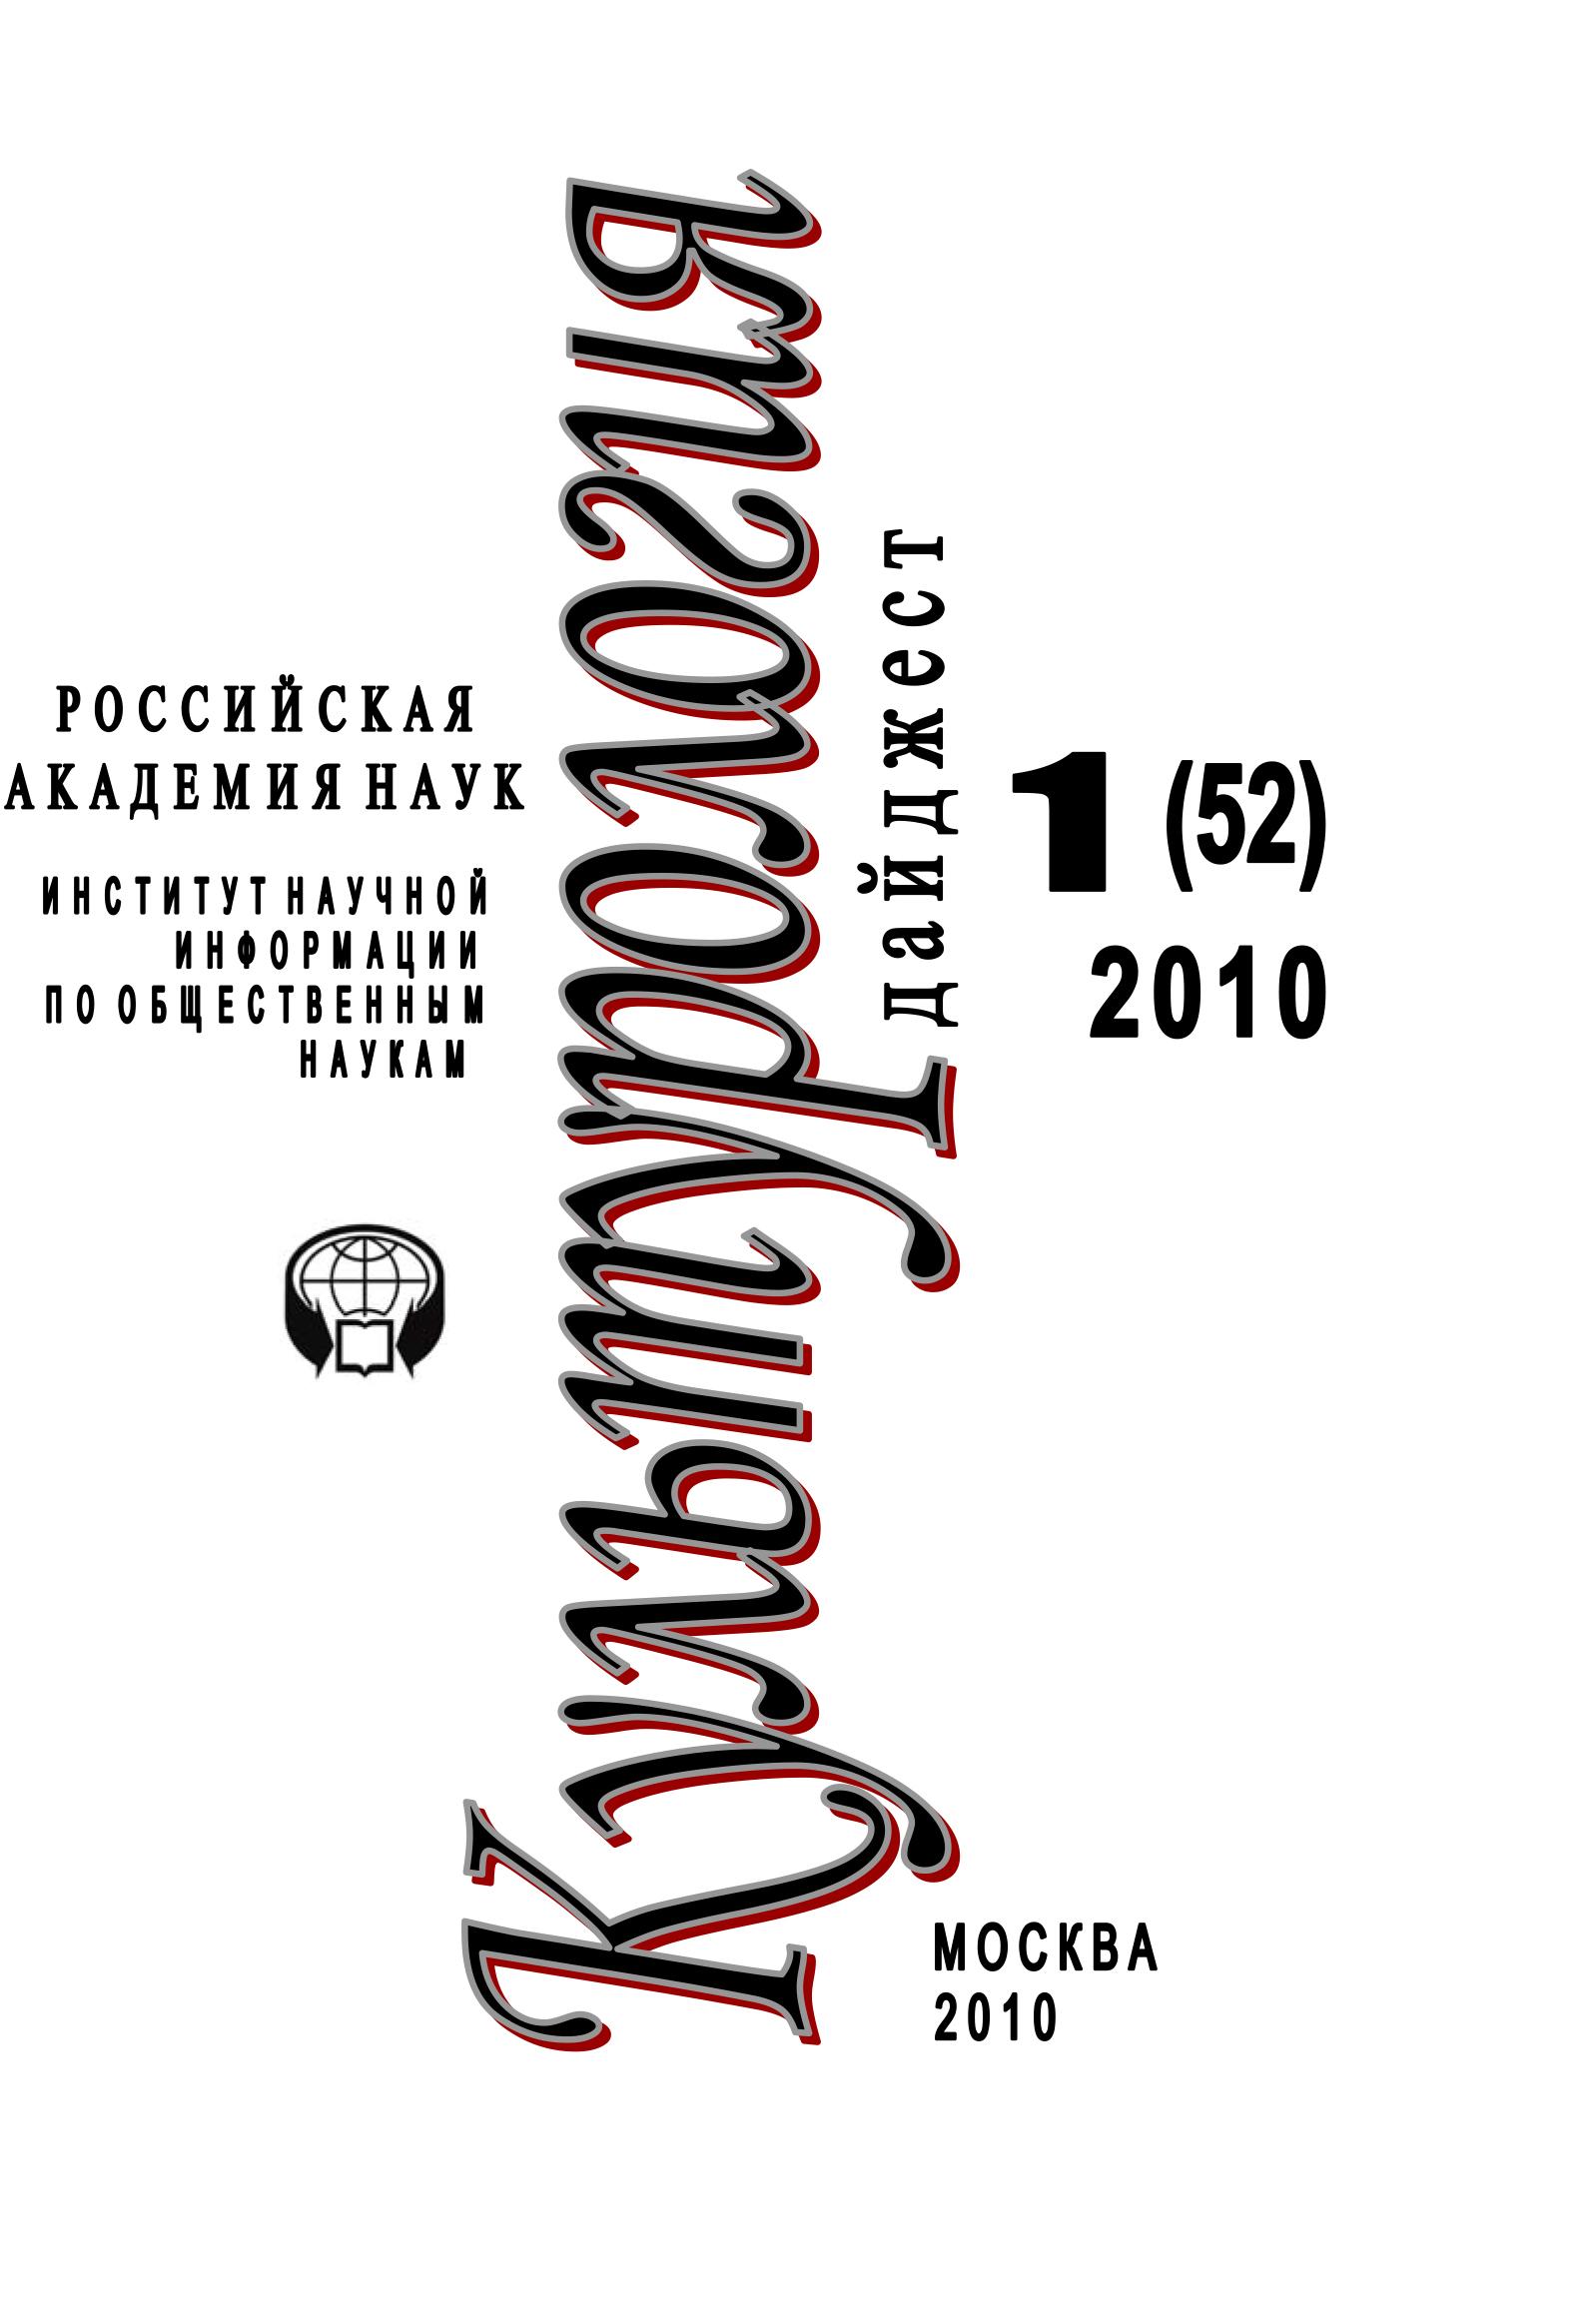 Ирина Галинская Культурология: Дайджест №1 / 2010